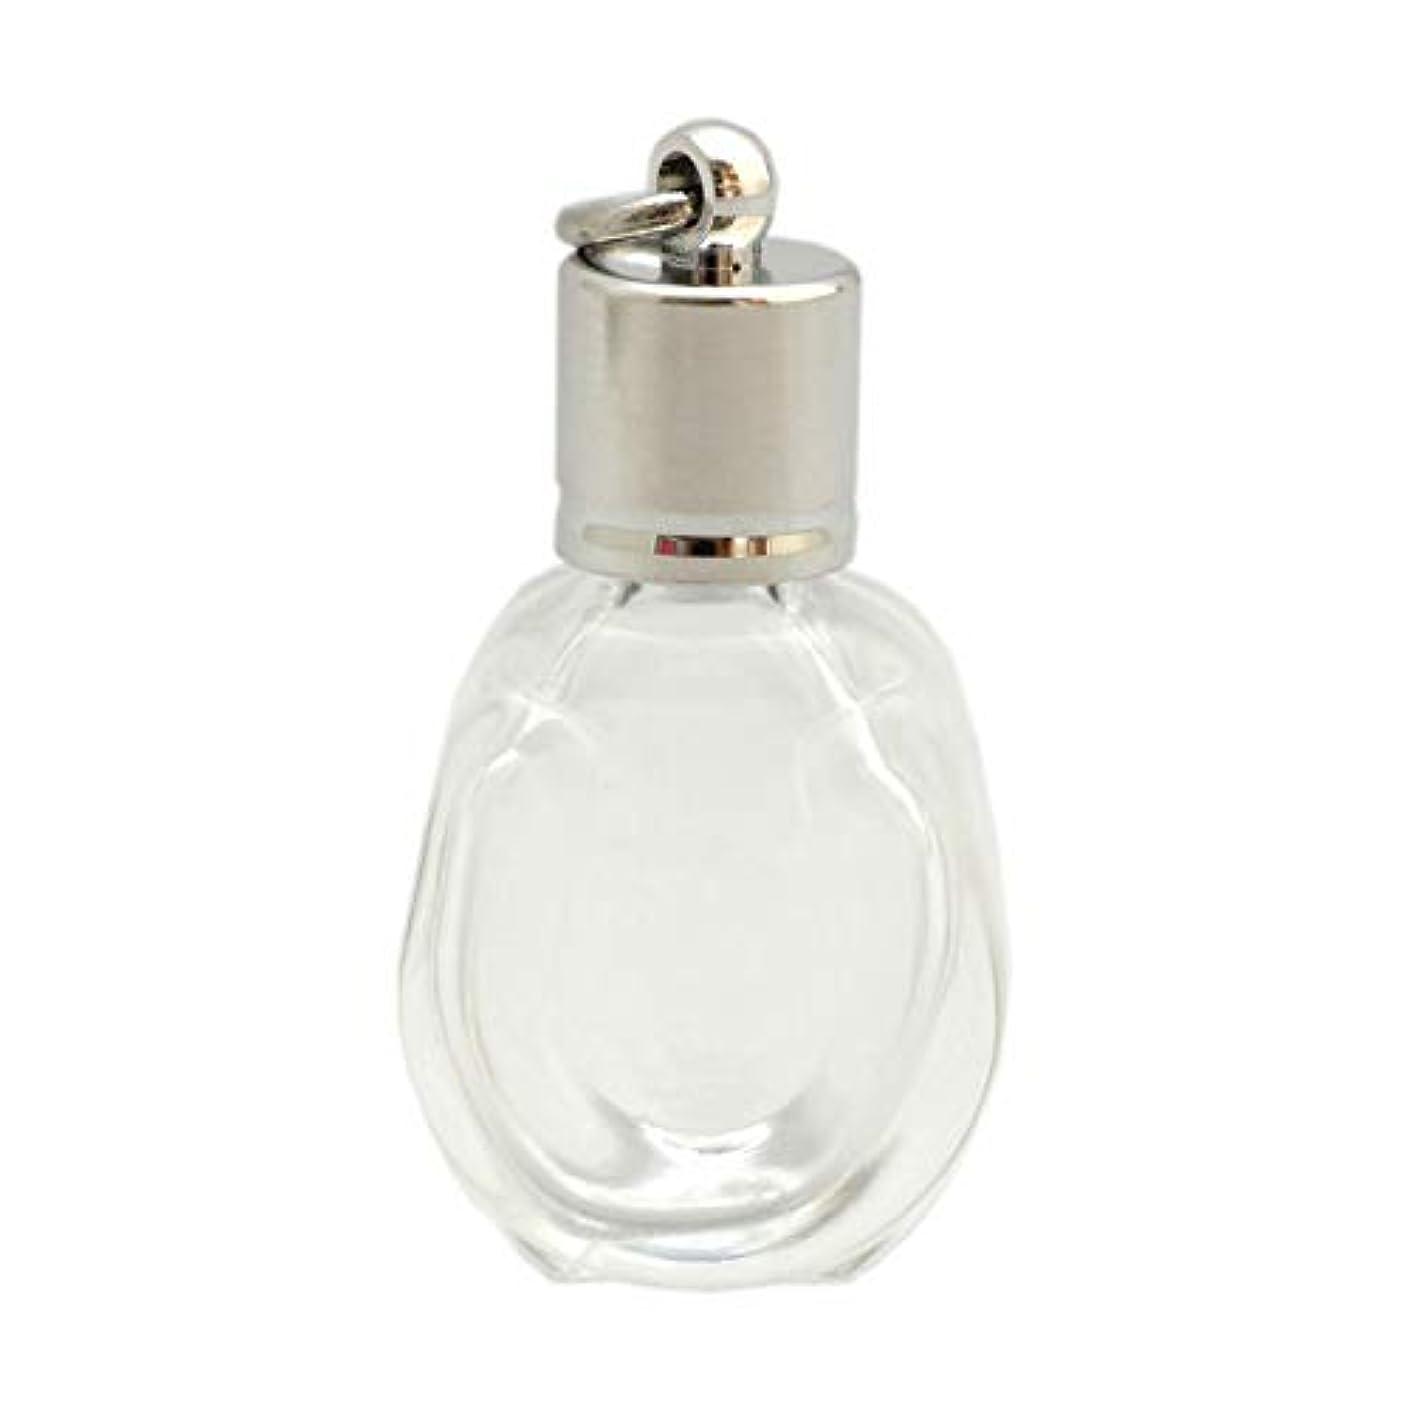 ルアー測るペイントミニ香水瓶 アロマペンダントトップ 馬蹄型(透明 容量1.3ml)×穴あきキャップ シルバー